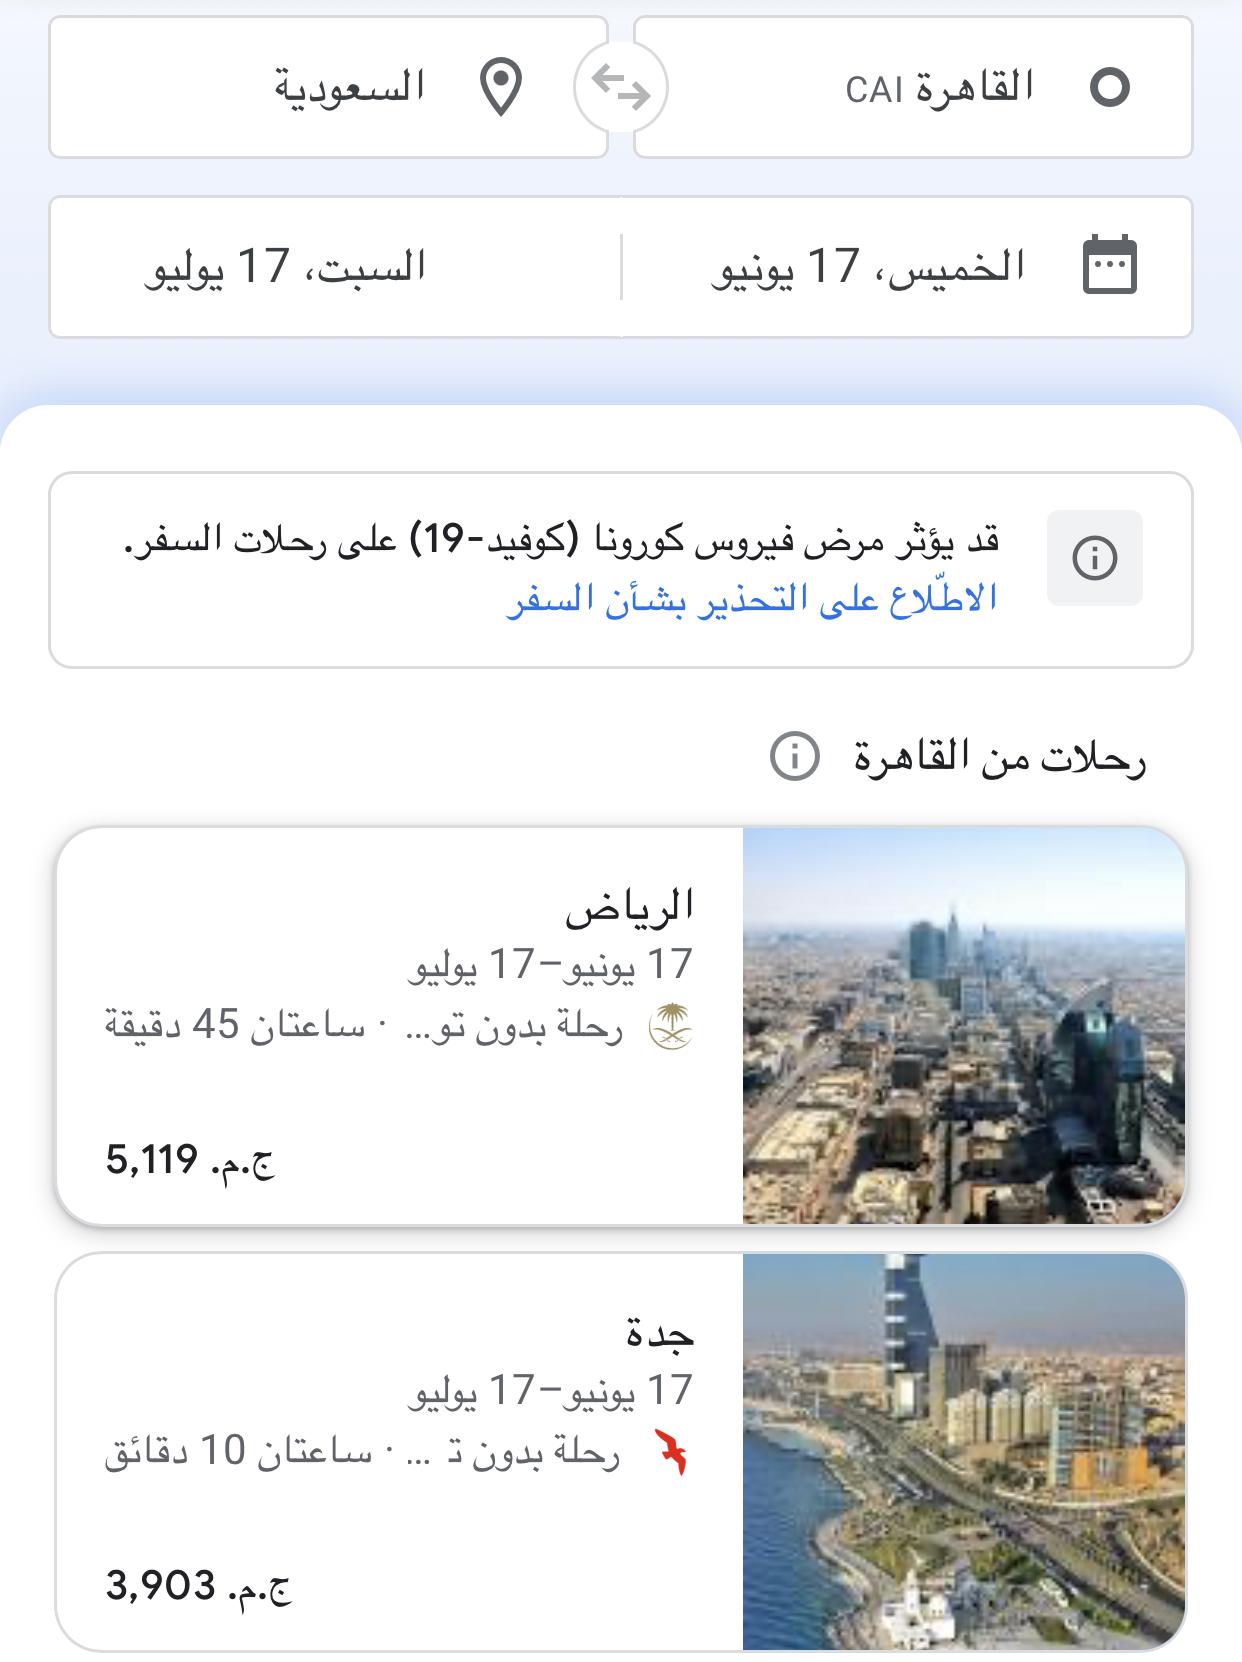 تعرف على أسعار تذاكر الطيران من مصر إلي بعض الدول العربية 2021 1